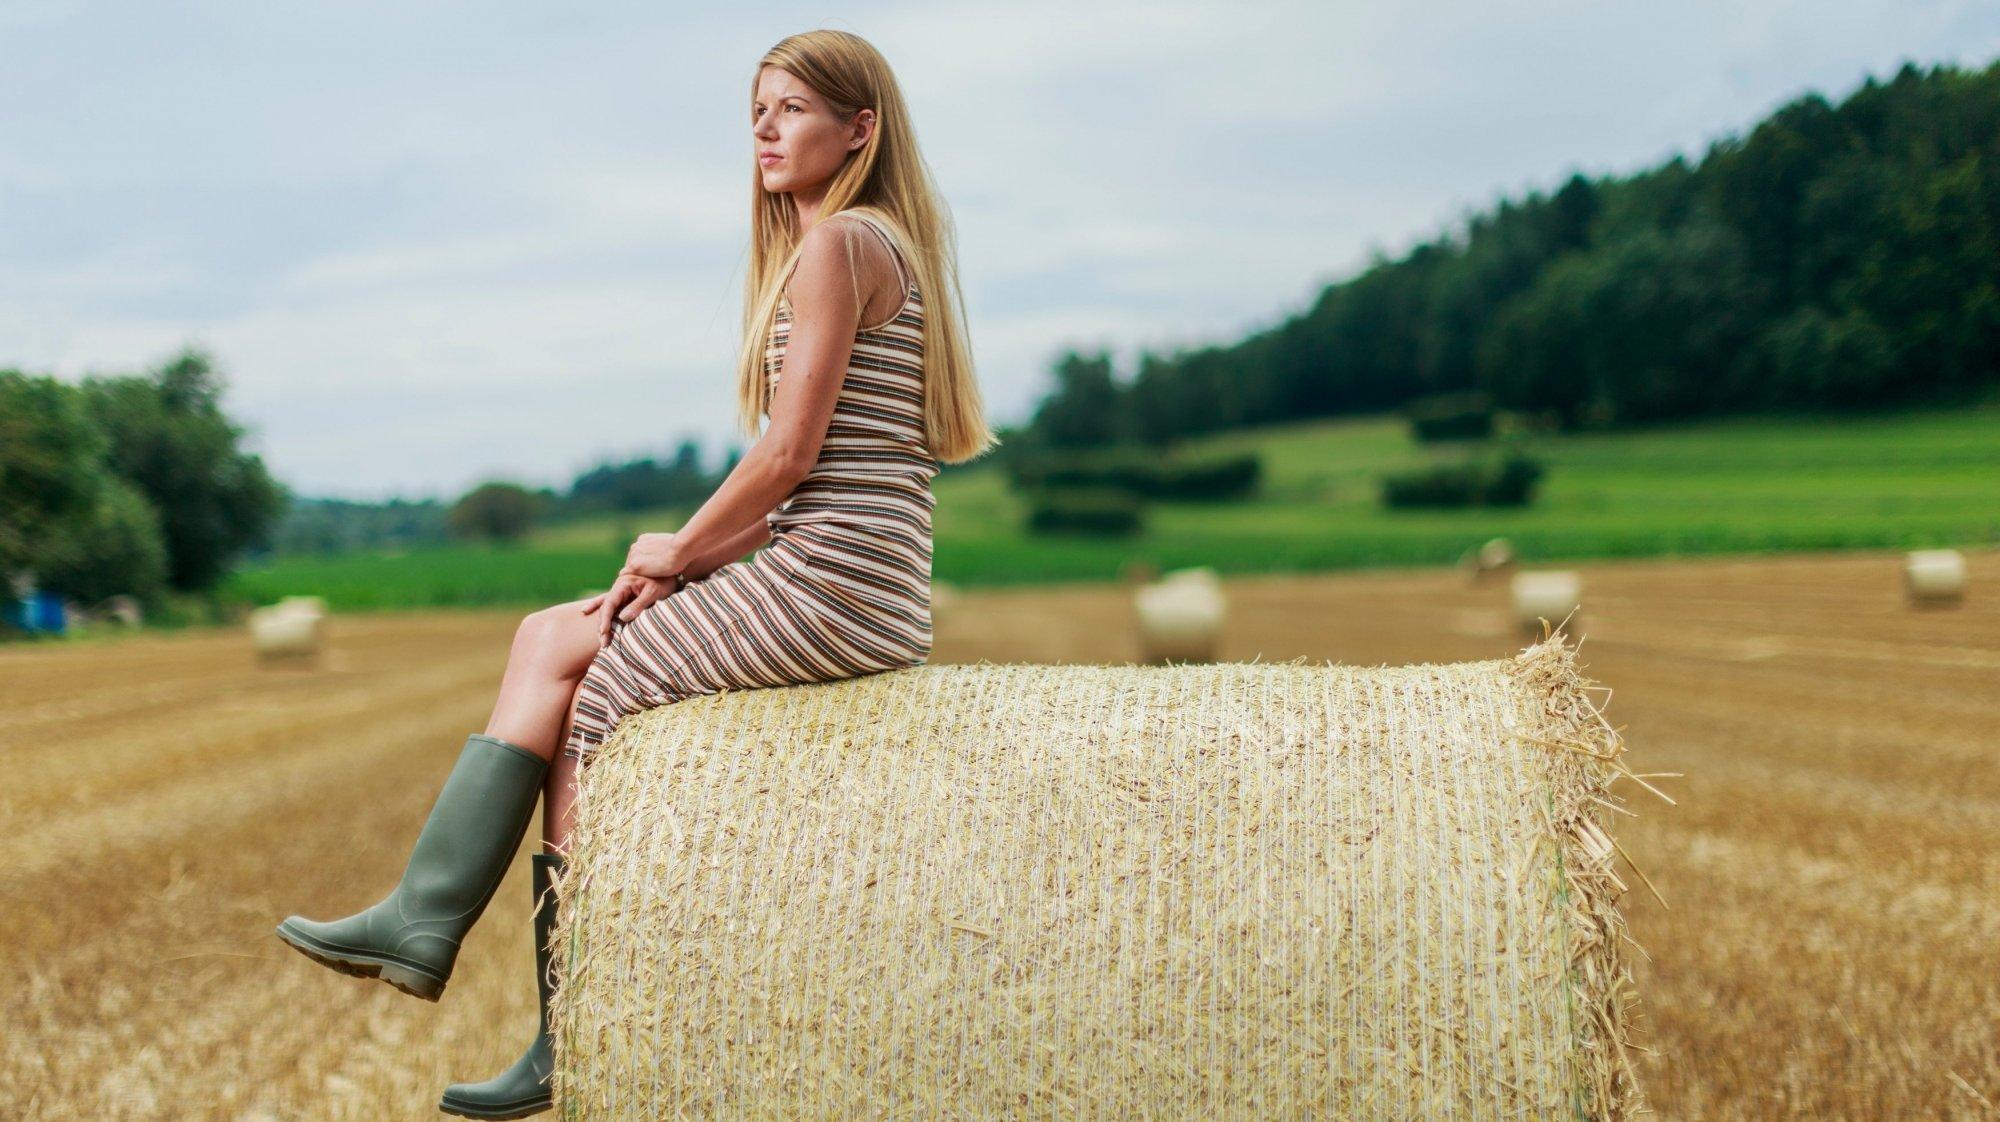 """Cinthia Olivier, alias """"Ashley, une youtubeuse à la découverte de la campagne"""",est née dans la région genevoise et dit avoir toujours éprouvé une passion pour le monde agricole."""